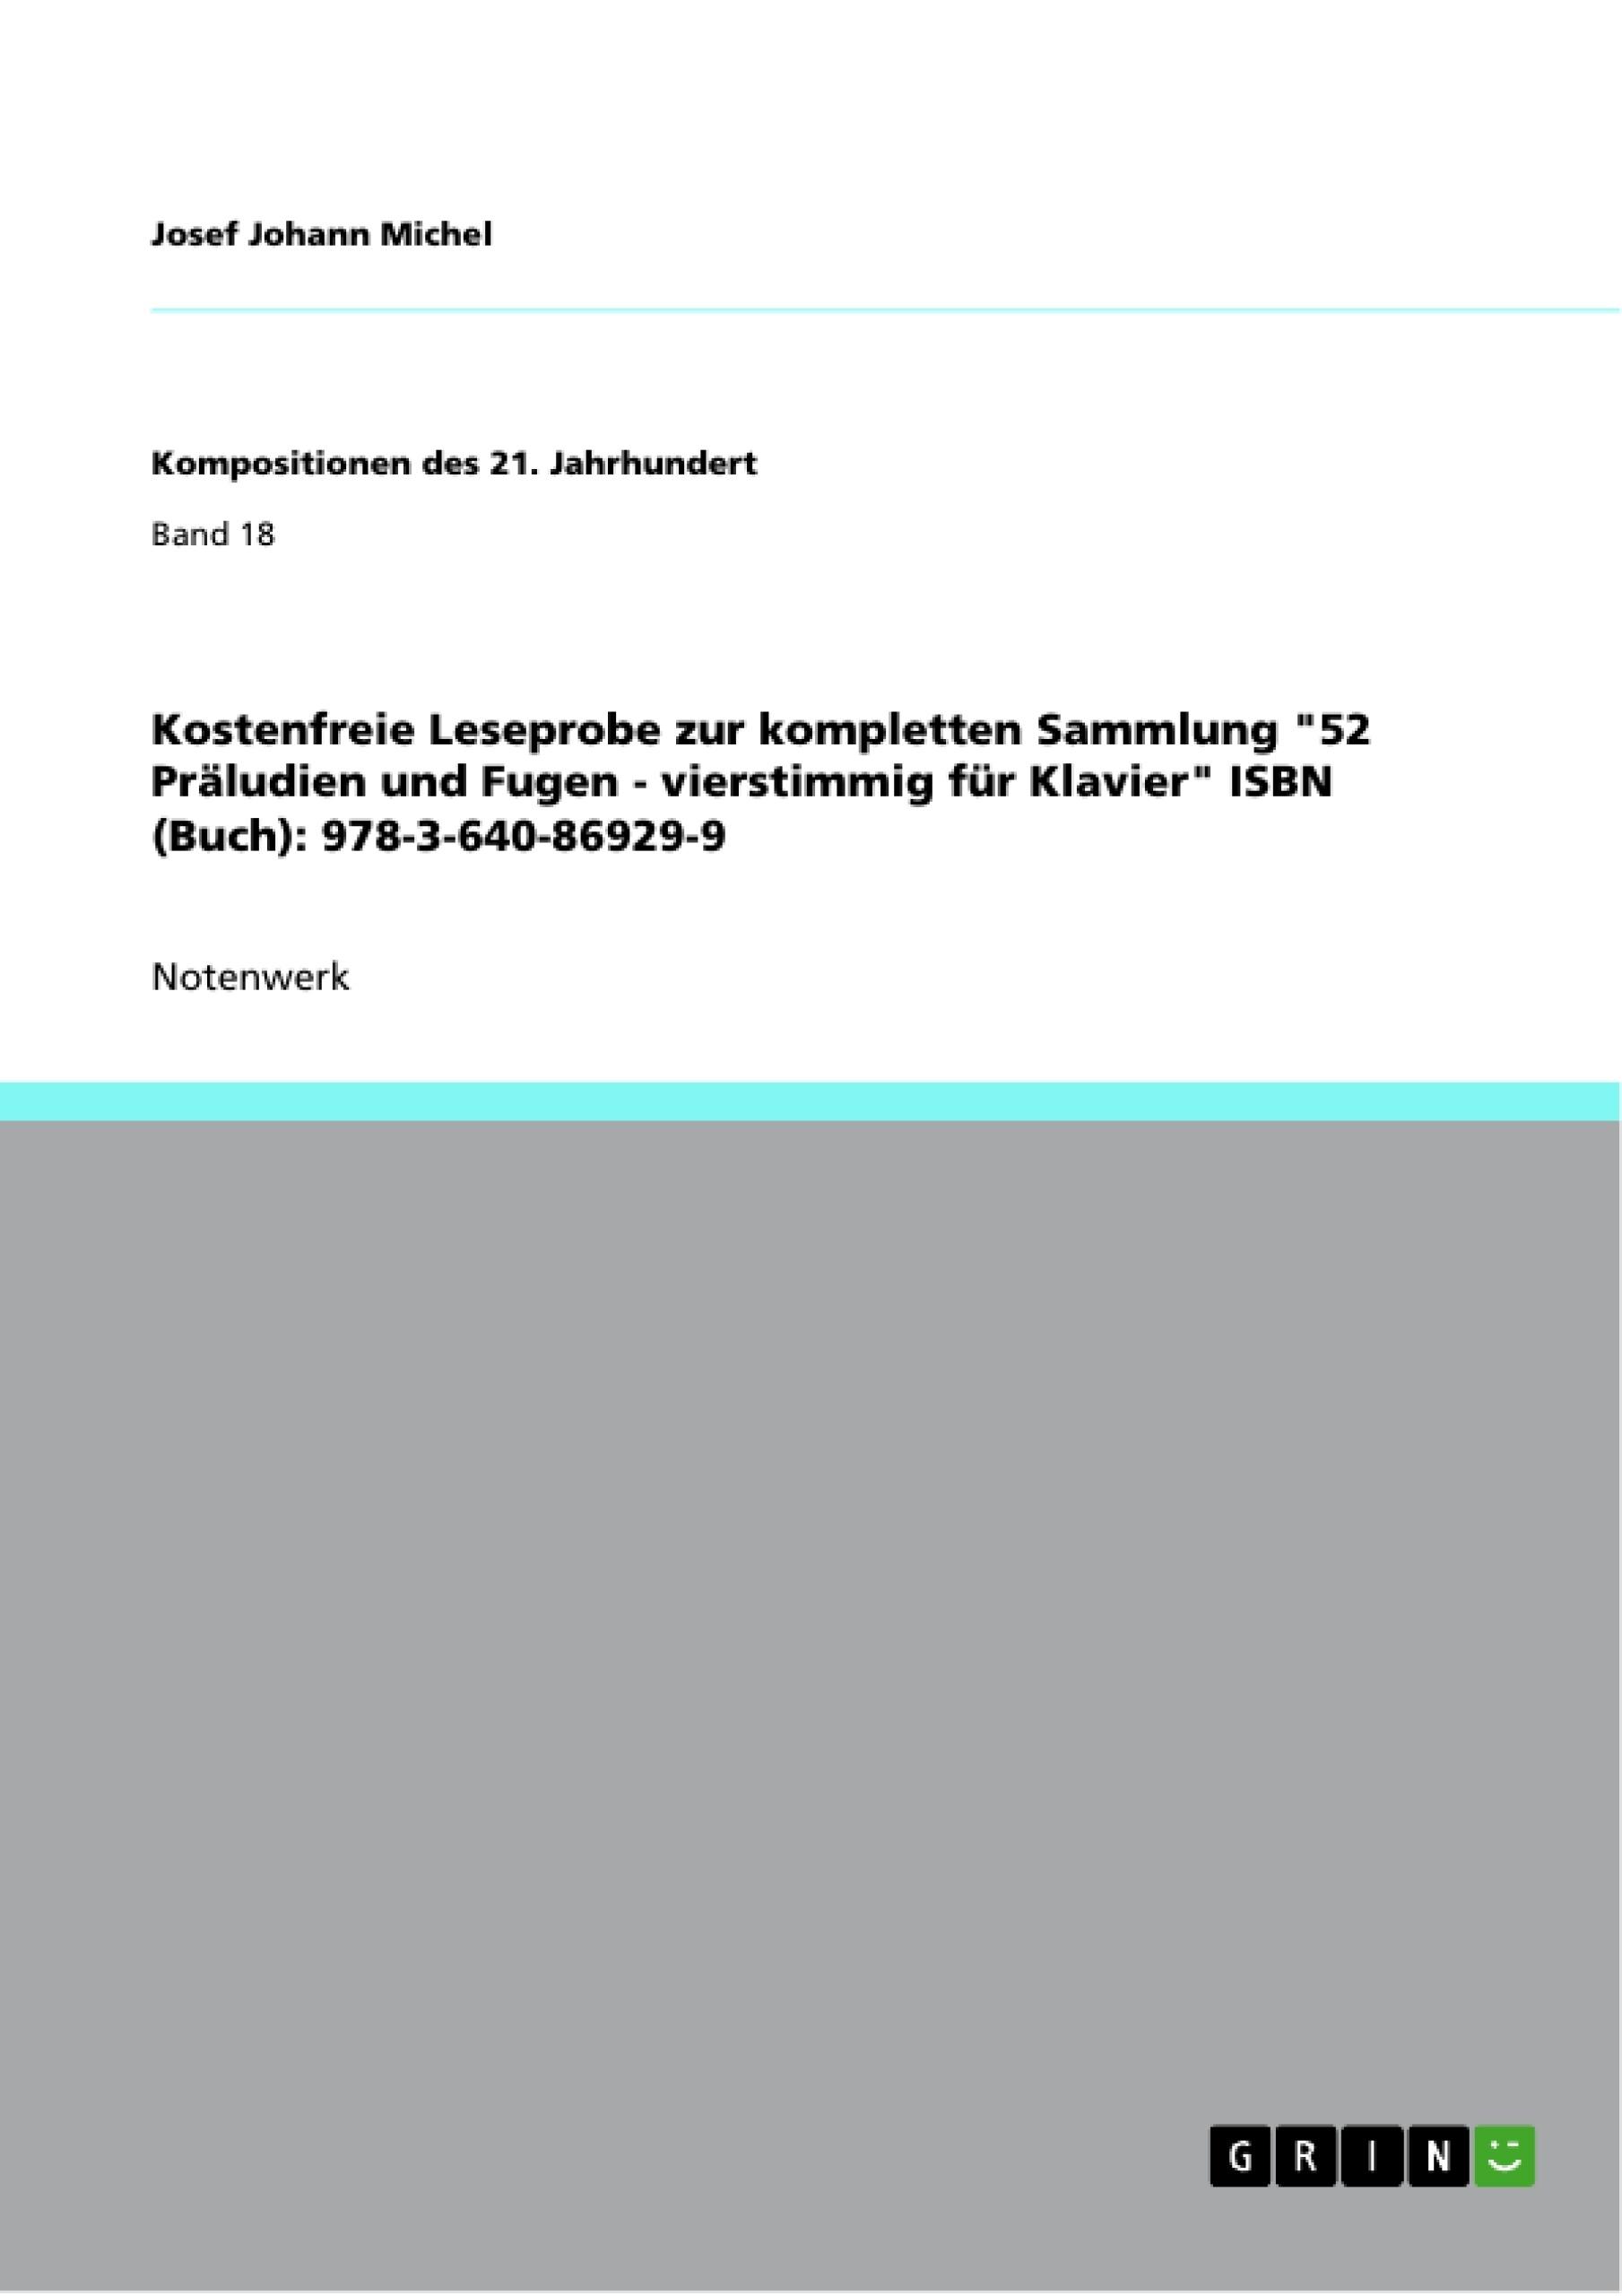 """Titel: Kostenfreie Leseprobe zur kompletten Sammlung """"52 Präludien und Fugen - vierstimmig für Klavier"""" ISBN (Buch): 978-3-640-86929-9"""